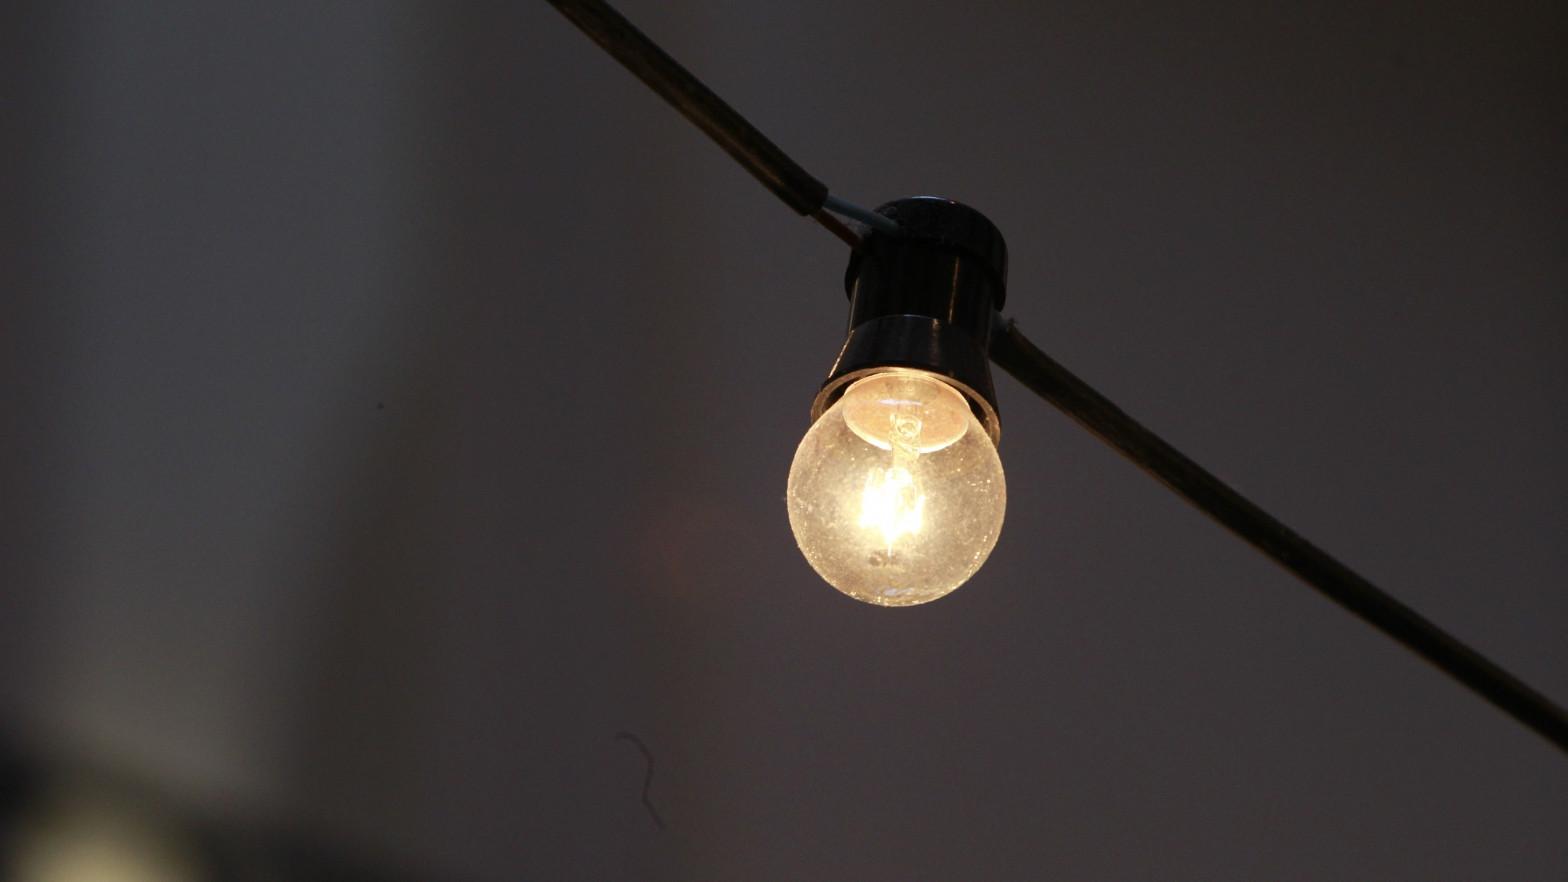 El precio de la luz toca este martes su segundo precio más caro de la historia, con 101,82 euros por MWh